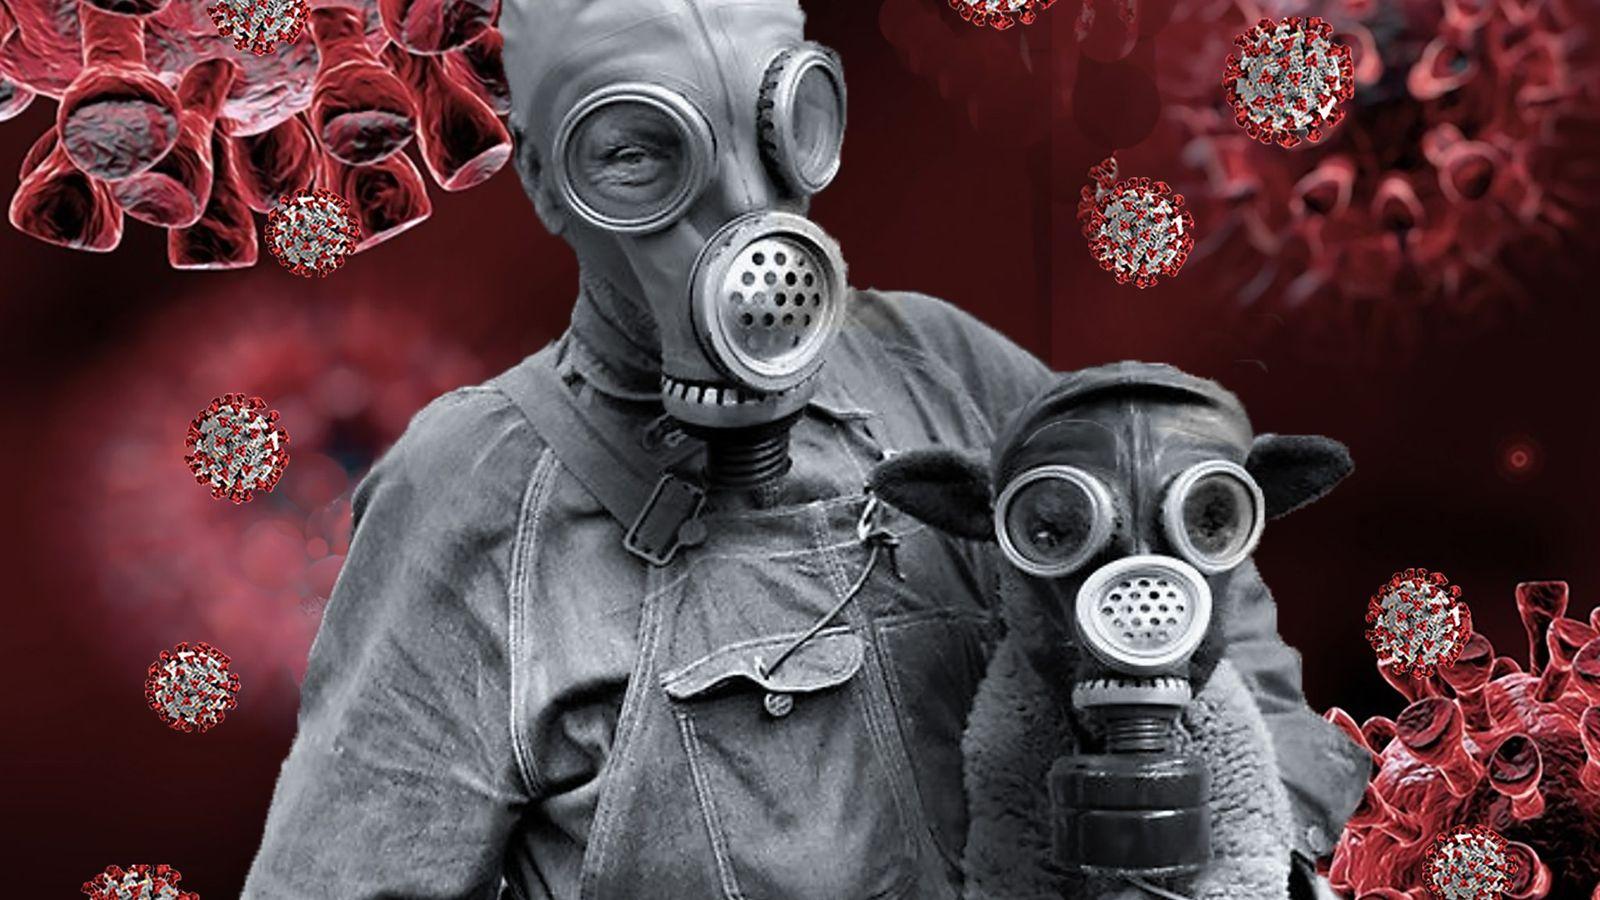 Por qué mucha gente tiene sueños más raros y vívidos durante la pandemia de coronavirus  ...